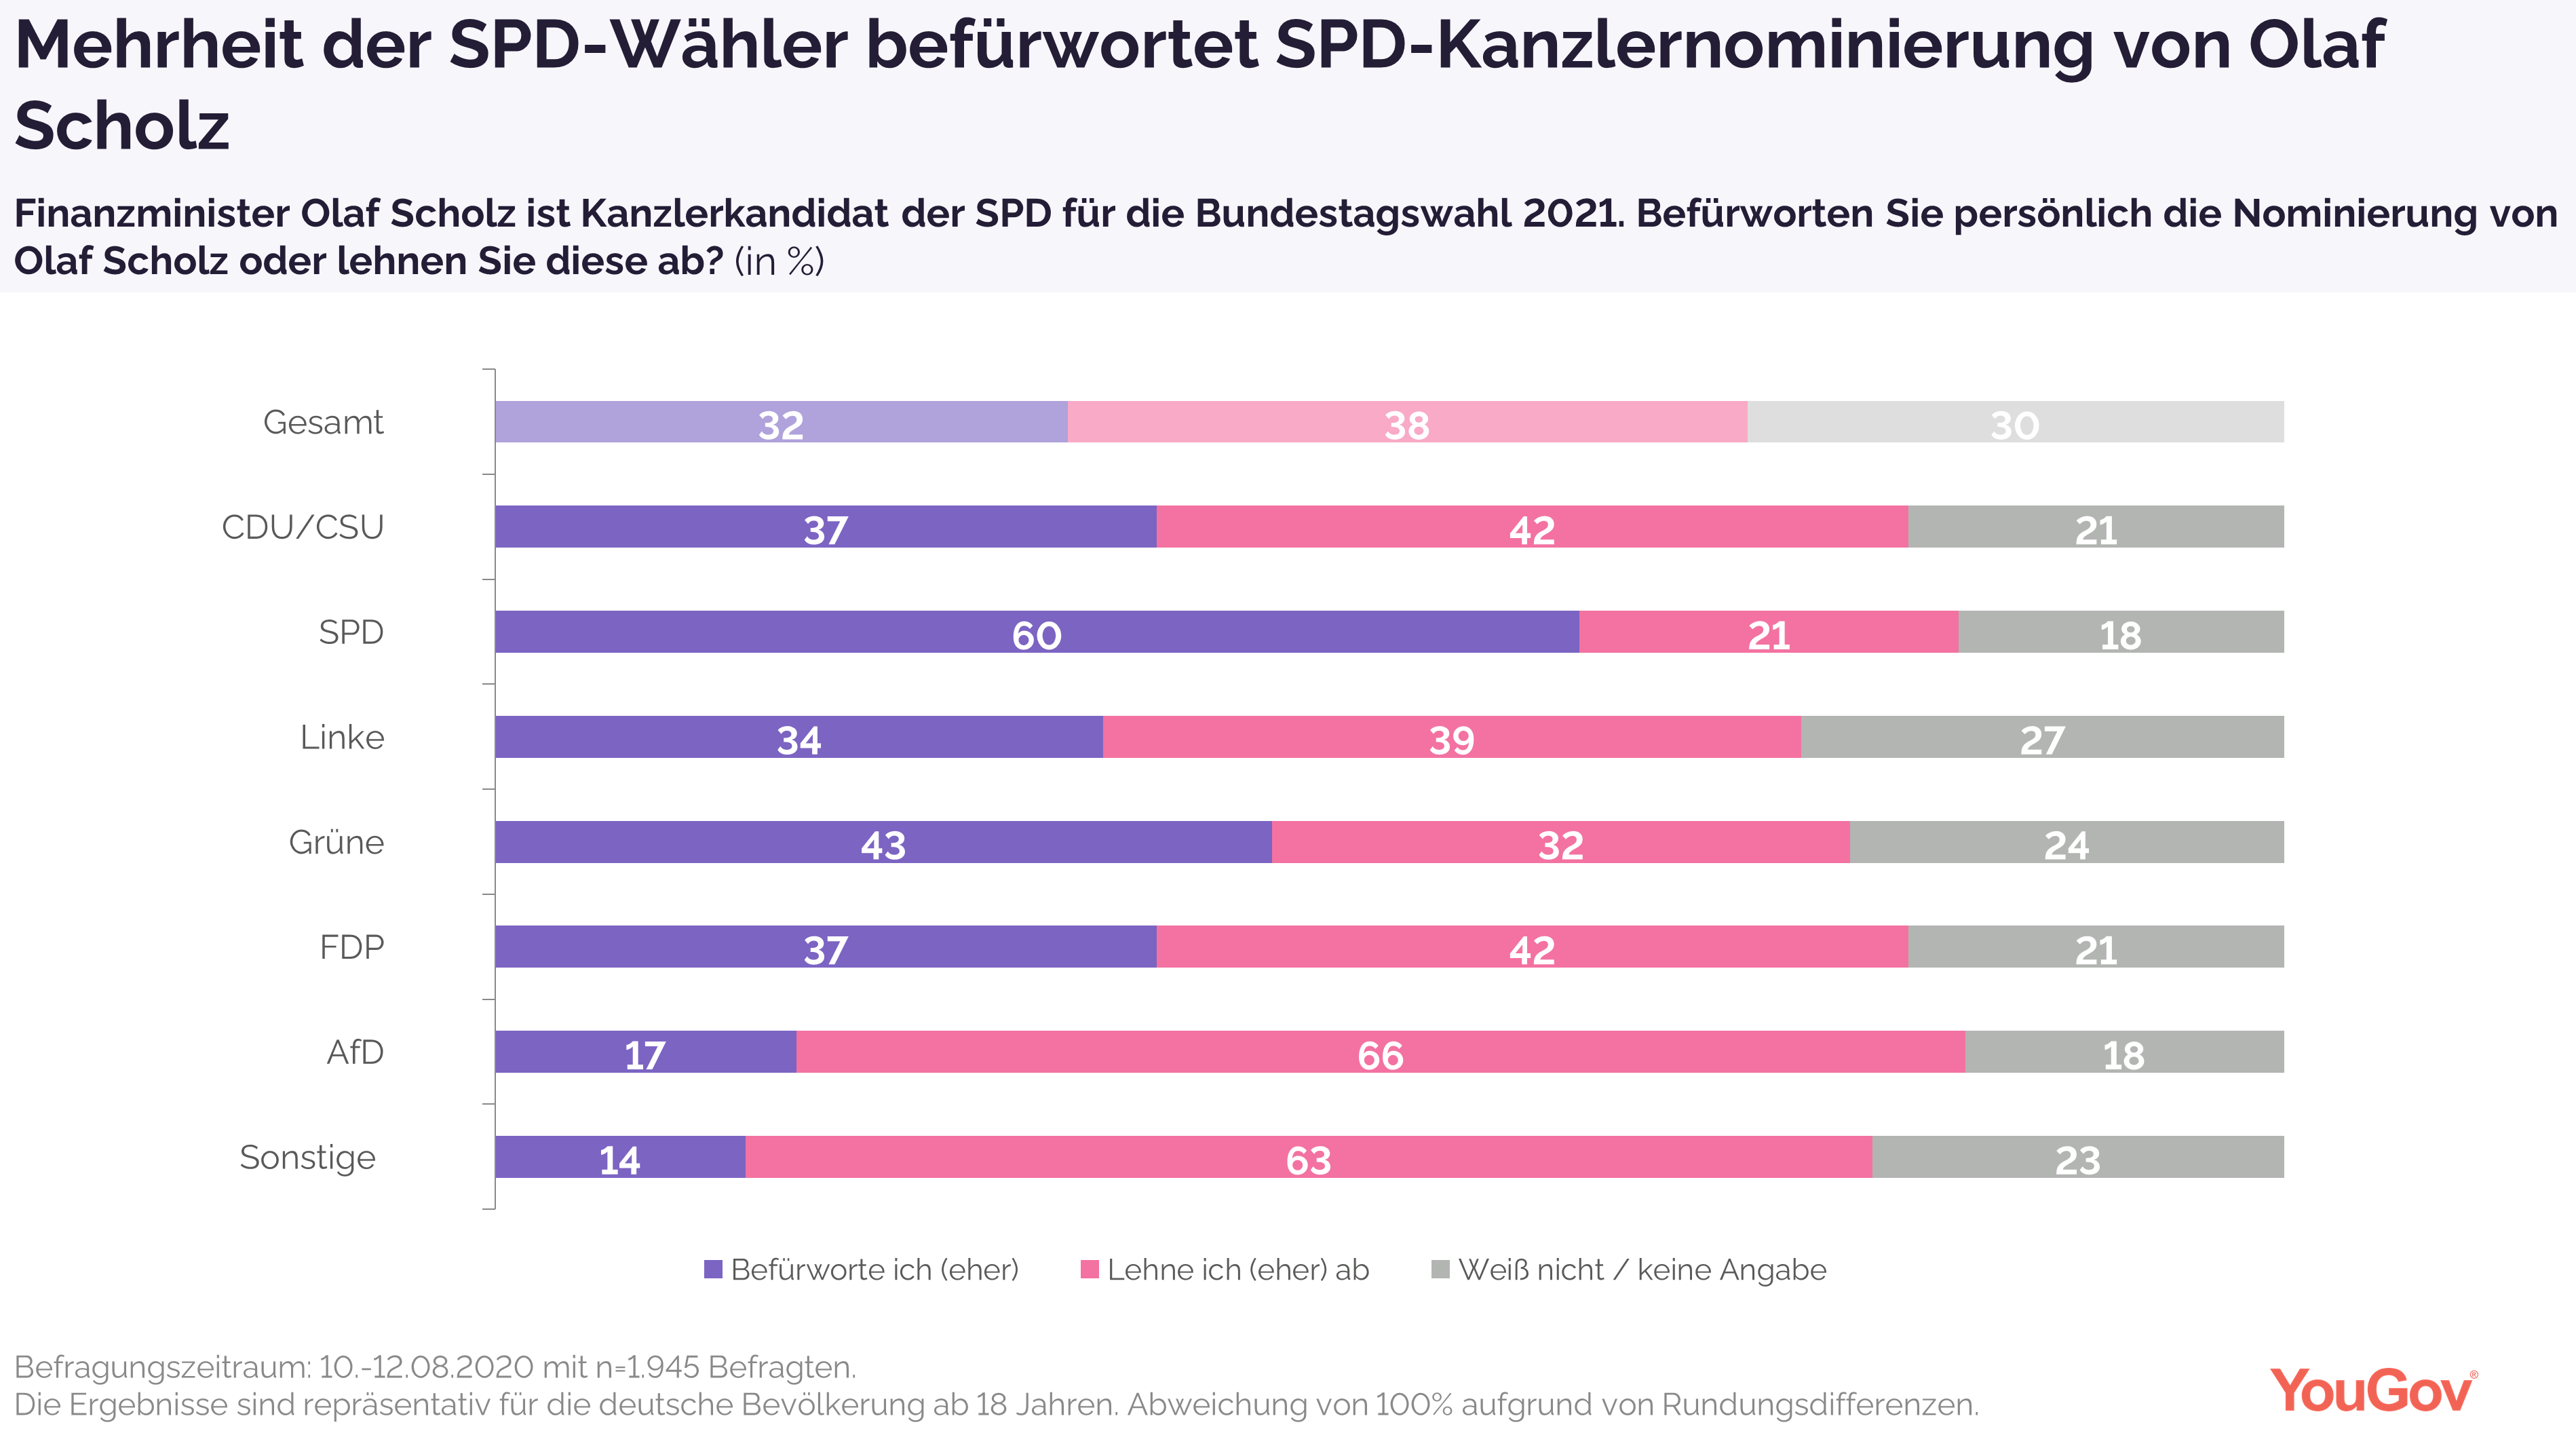 Mehrheit der SPD-Wähler befürwortet Scholz als Kanzlerkandidaten